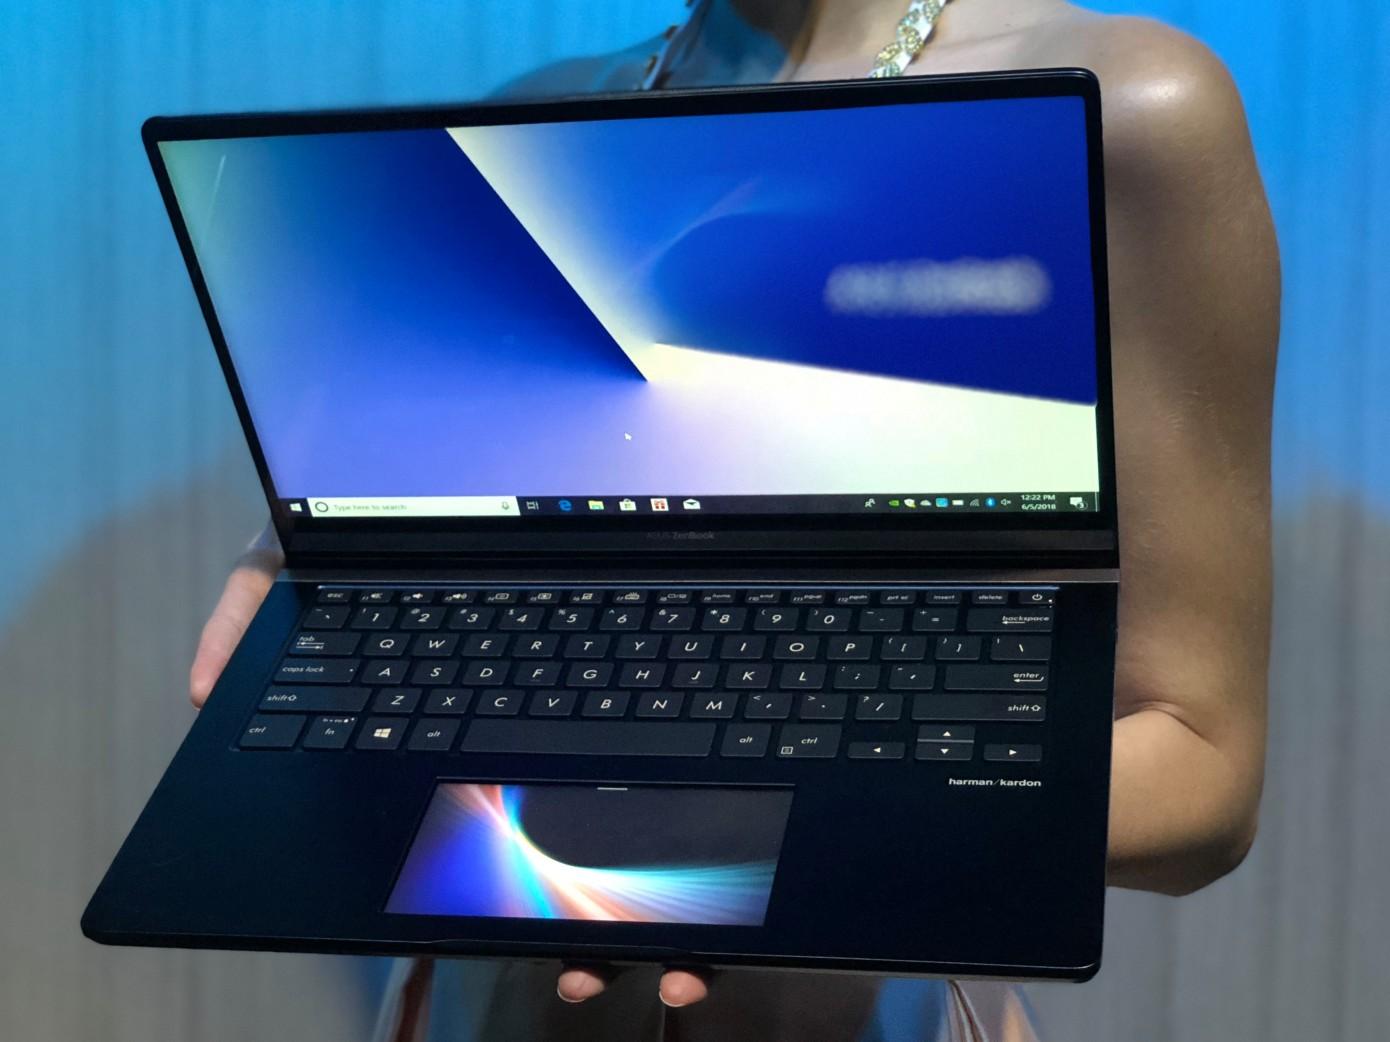 Asus показала ноутбуки с тачскрином вместо тачпада1